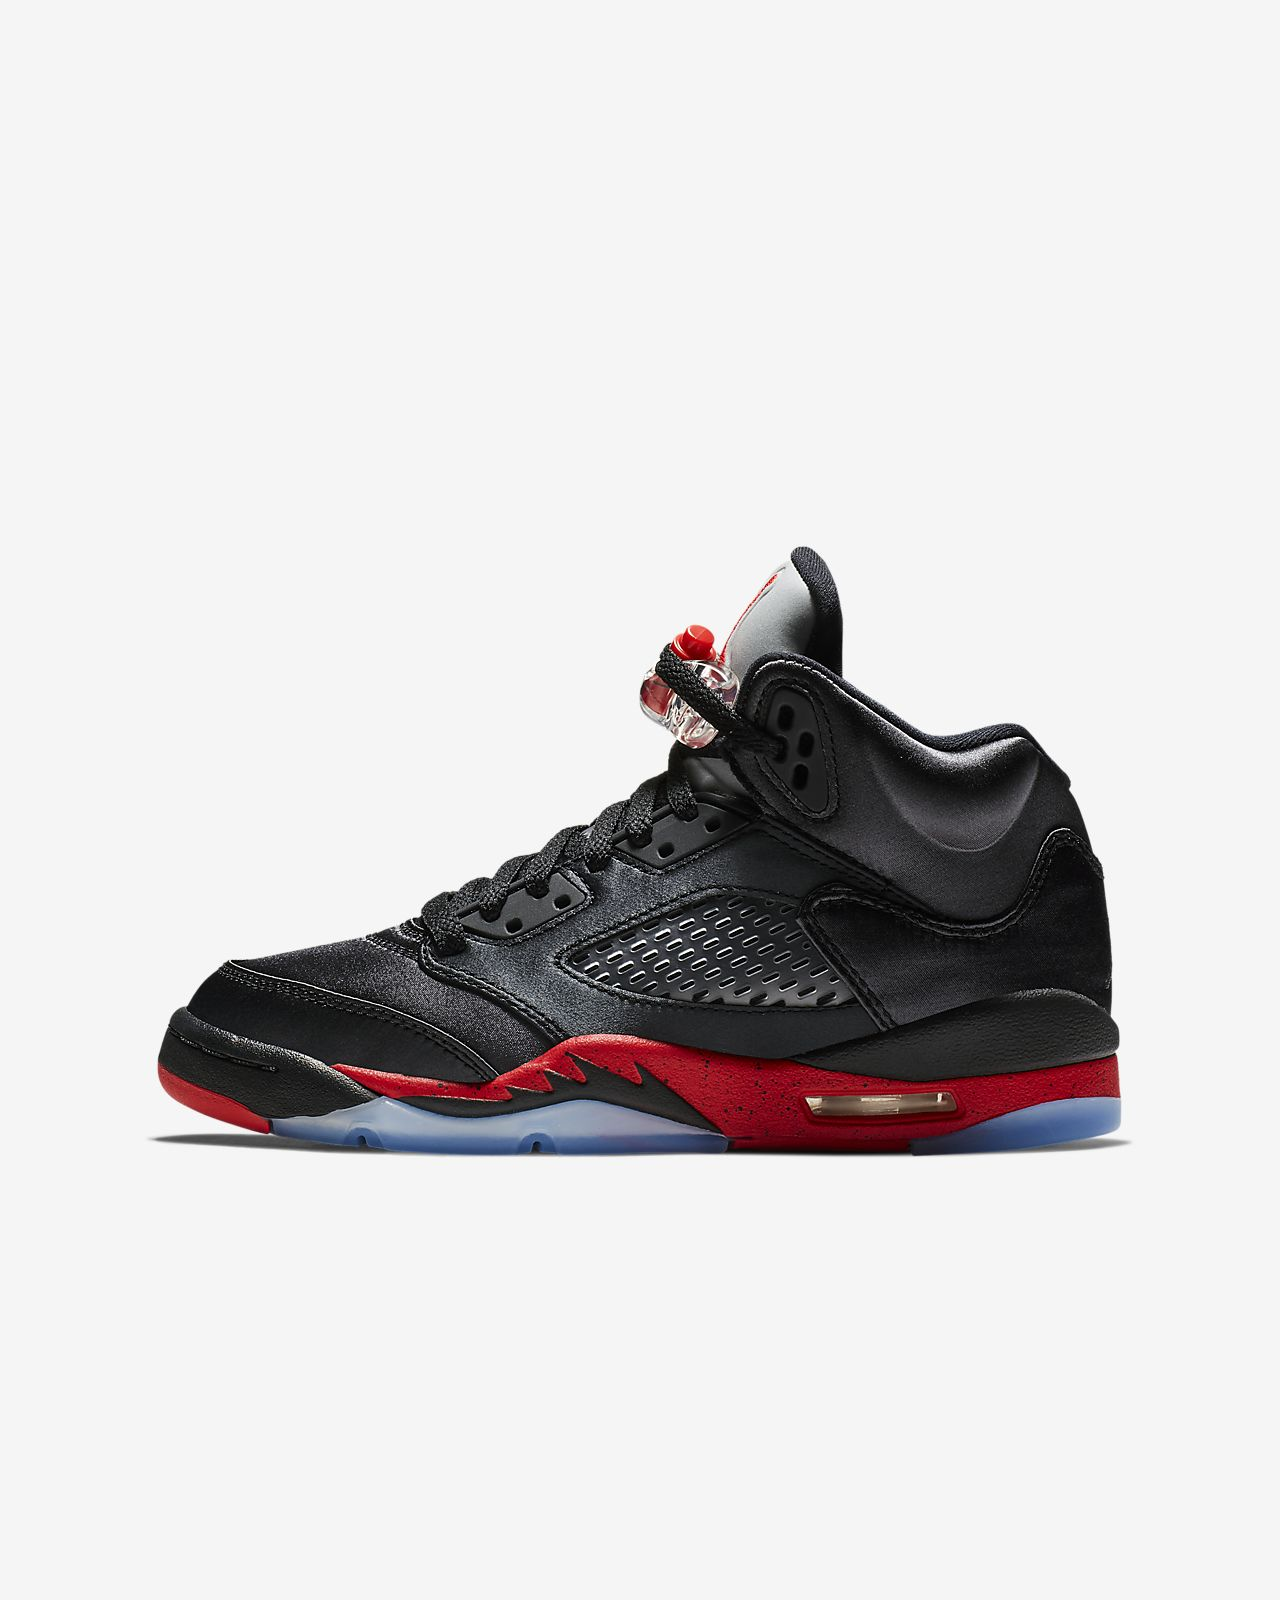 9424ac3ded Air Jordan 5 Retro Zapatillas - Niño/a. Nike.com ES